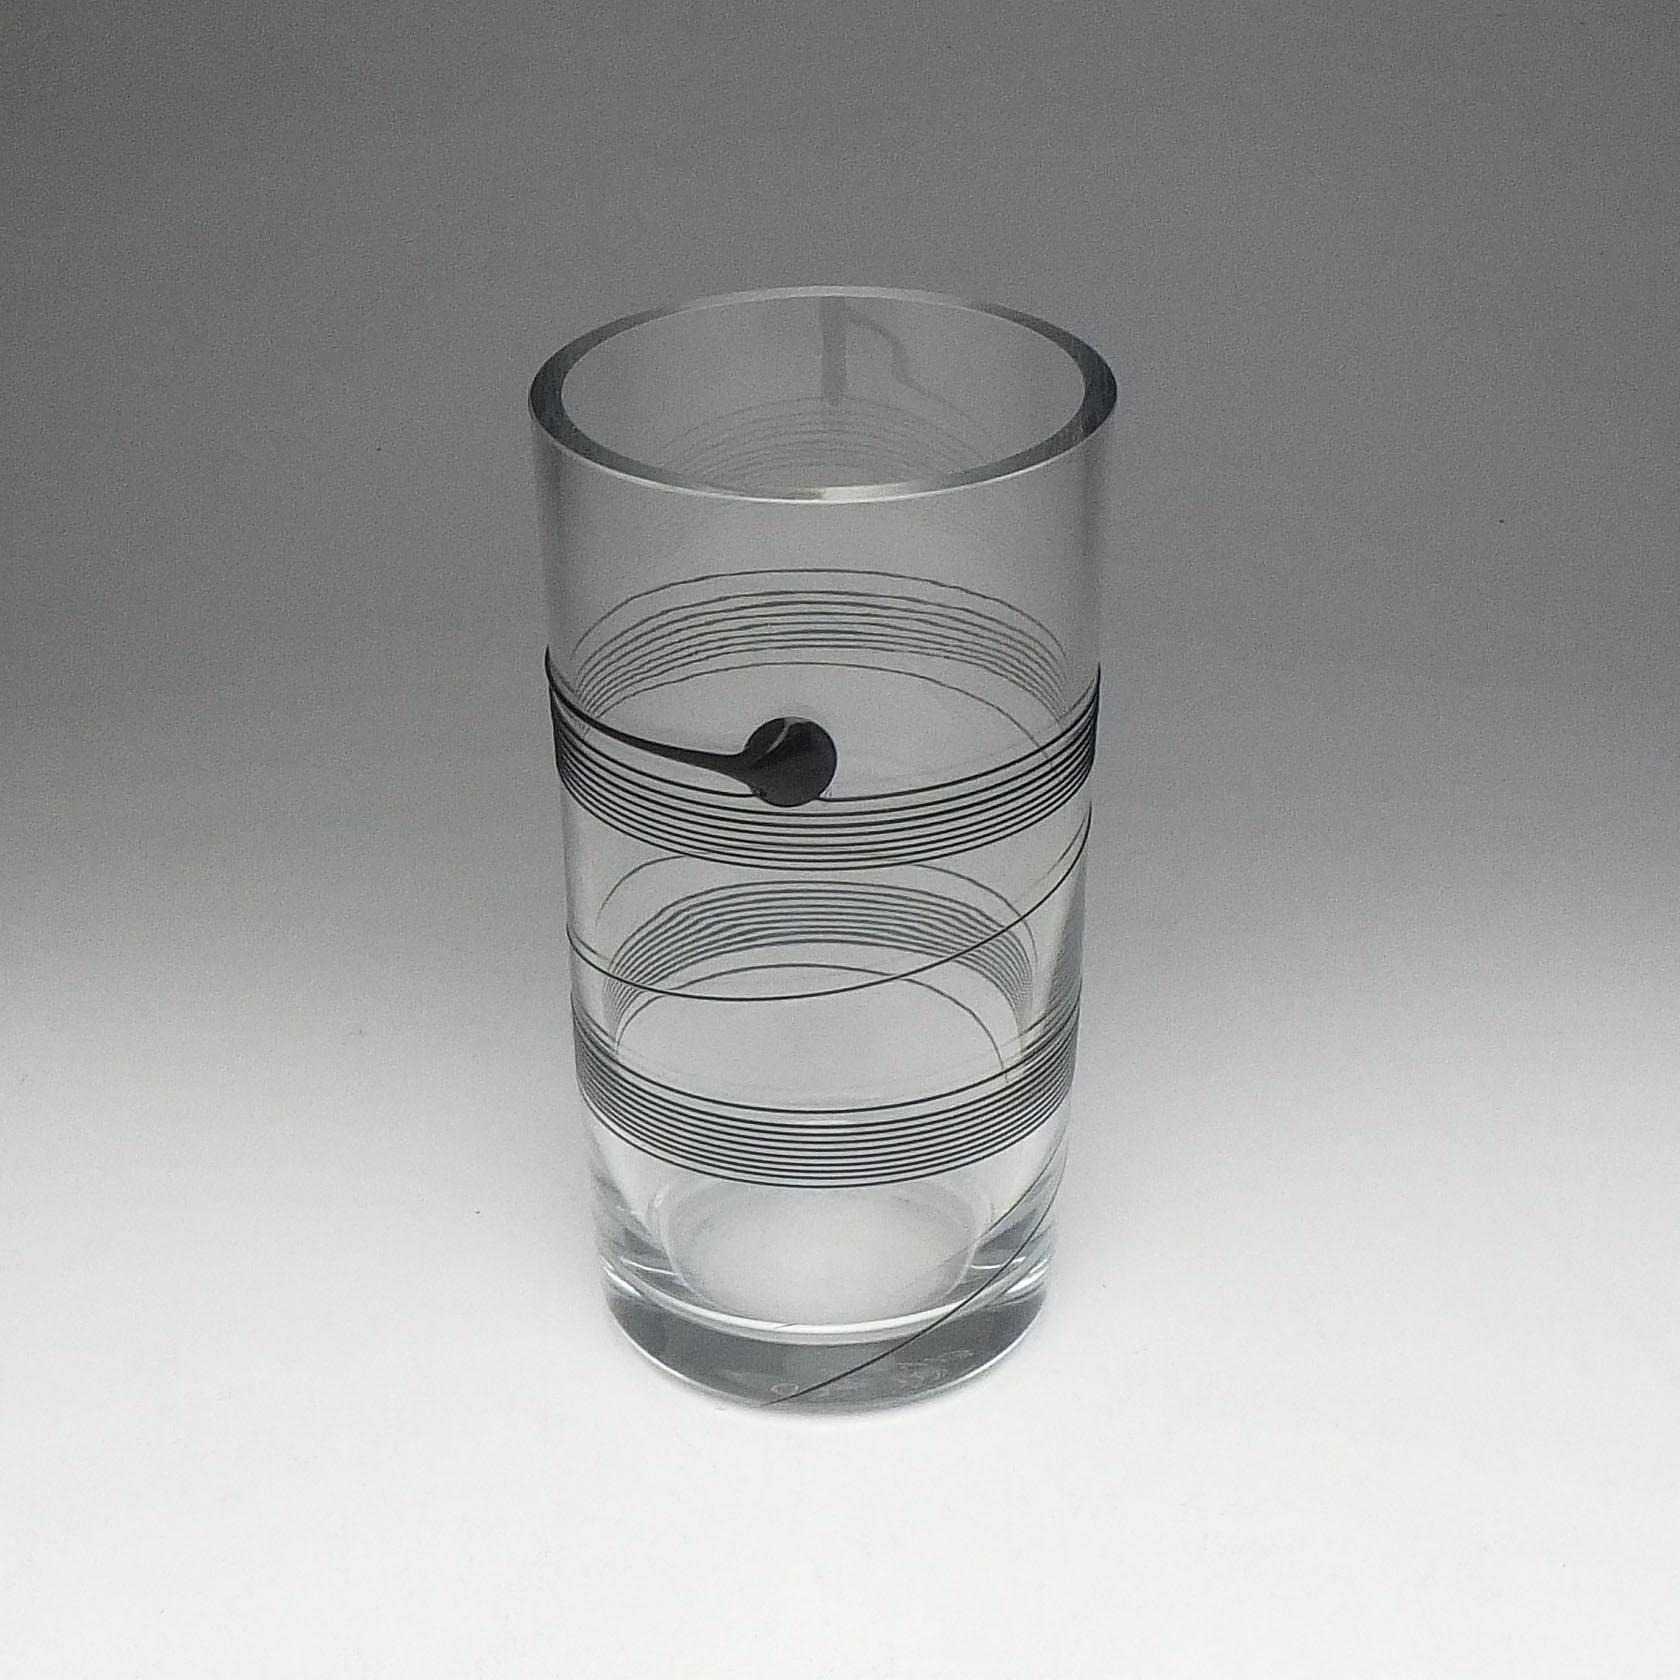 'Bertil Vallien (1936-) Kosta Boda Art Glass Vase'